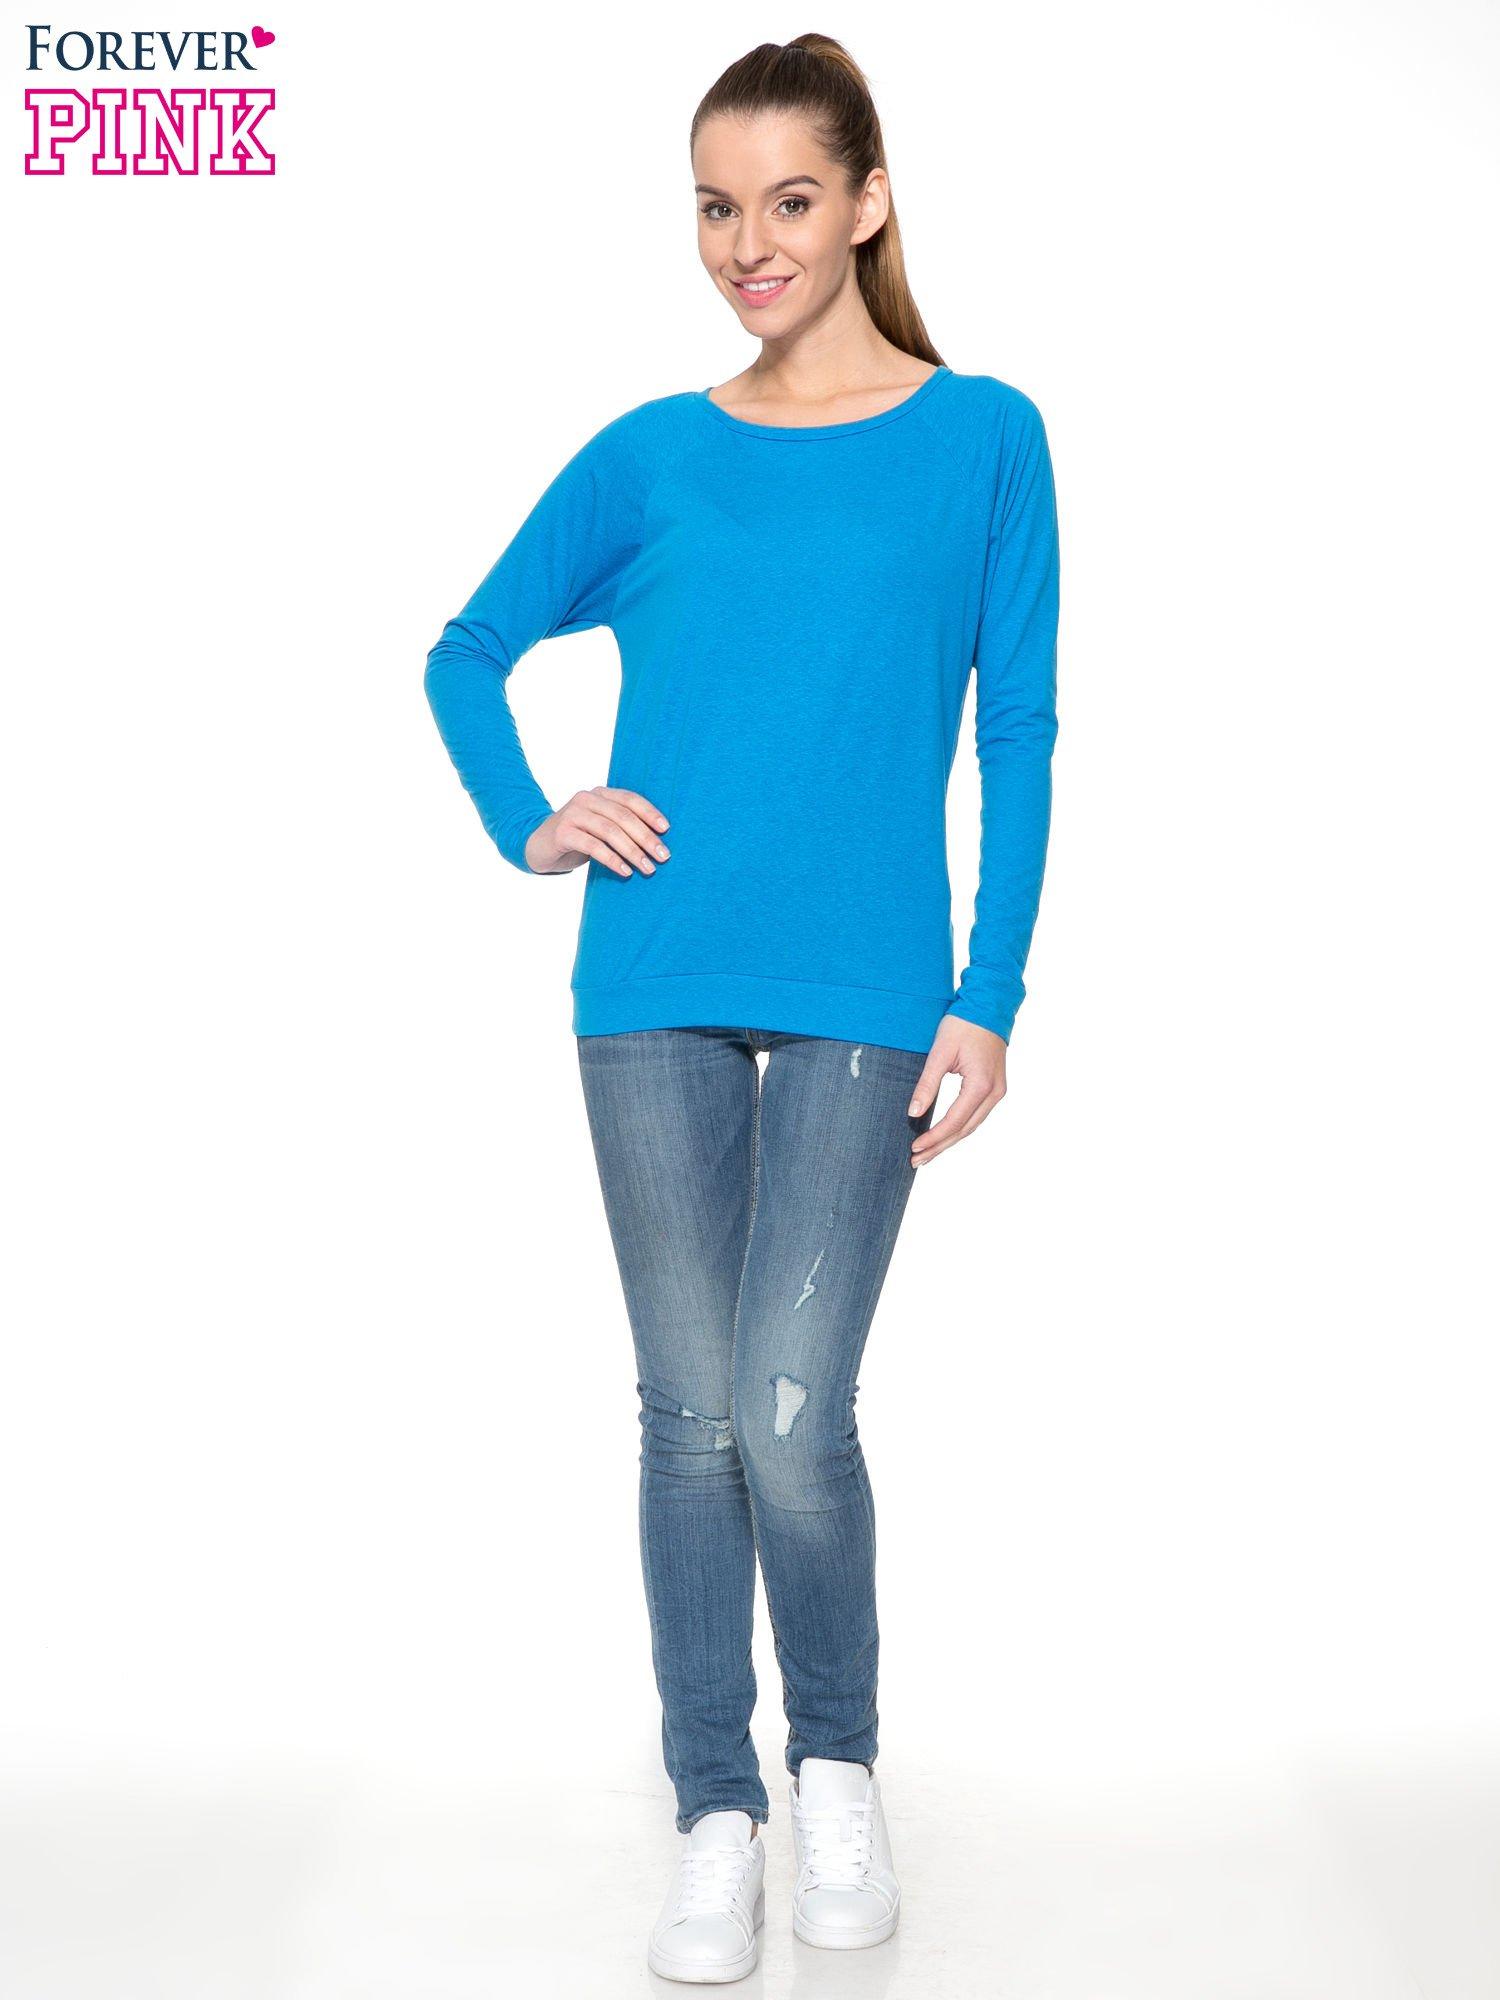 Niebieska bawełniana bluzka z rękawami typu reglan                                  zdj.                                  2